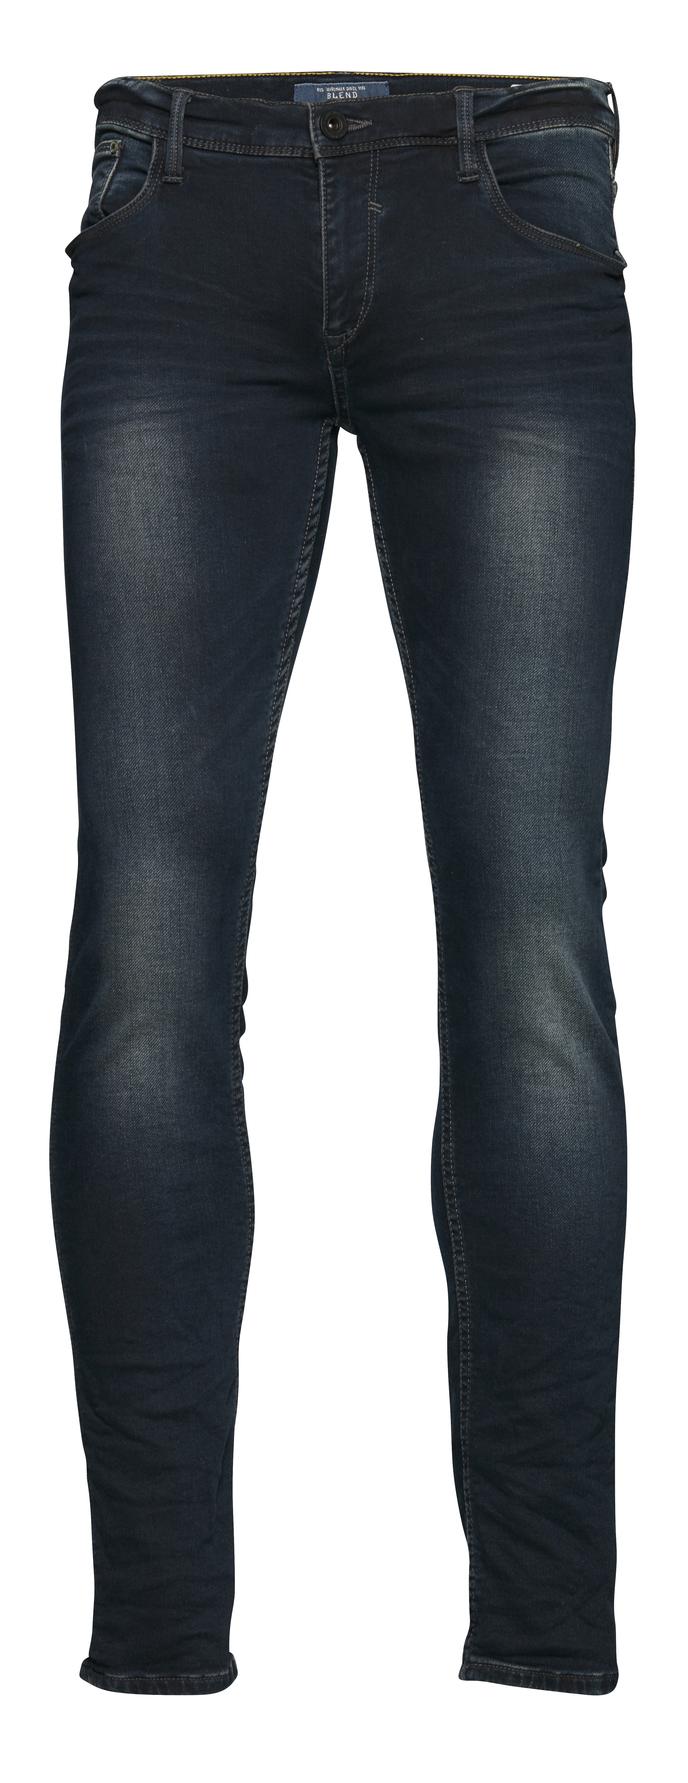 blend herren jeans slim fit low waist hose pants dark. Black Bedroom Furniture Sets. Home Design Ideas